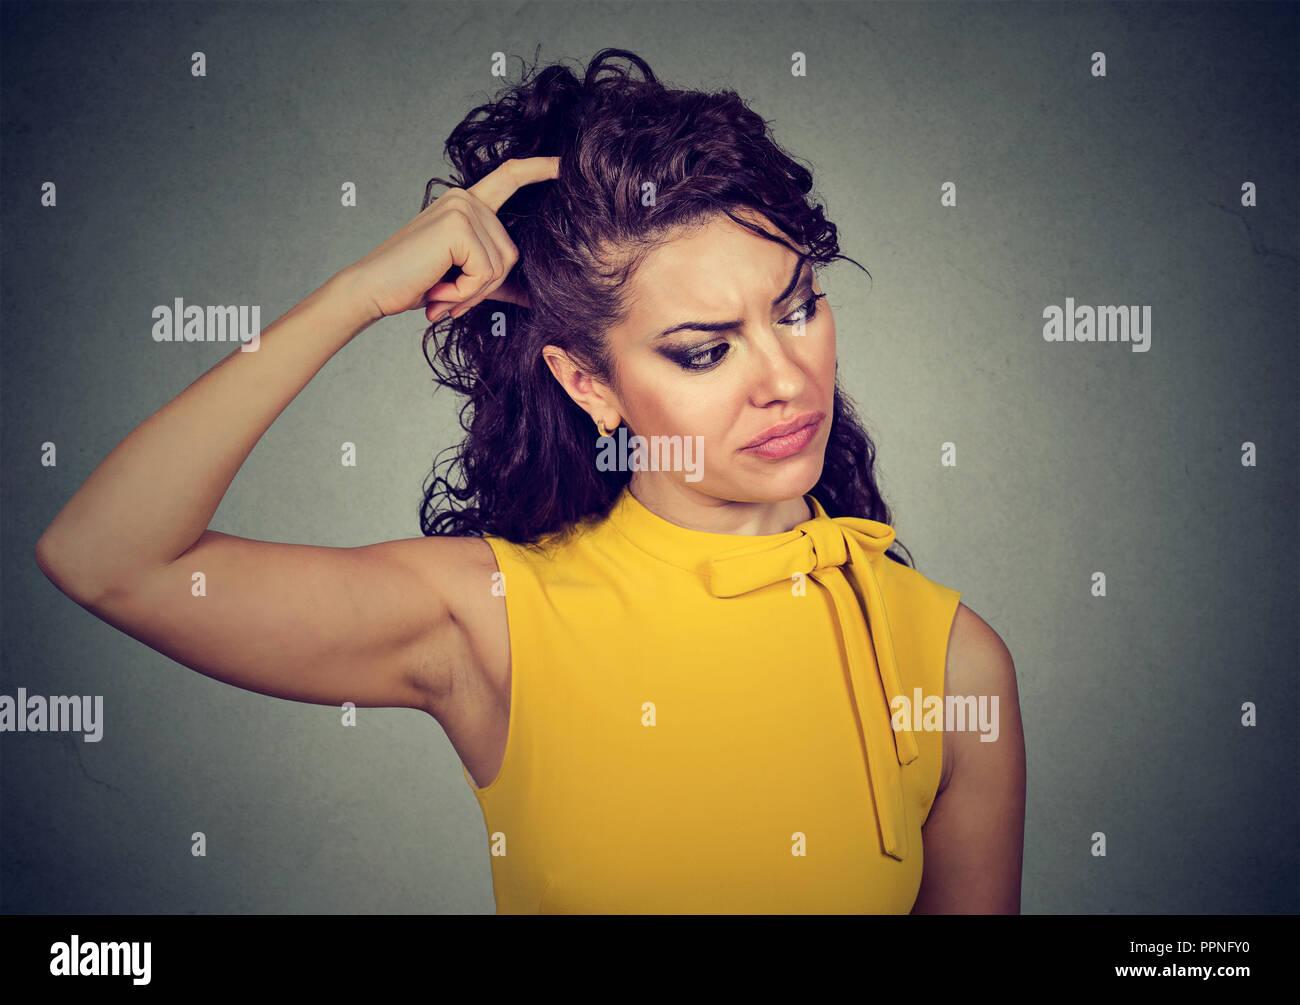 Junge verwirrte brünette Frau im gelben Kleid kratzen Kopf in perplexion weg schauen Stockbild